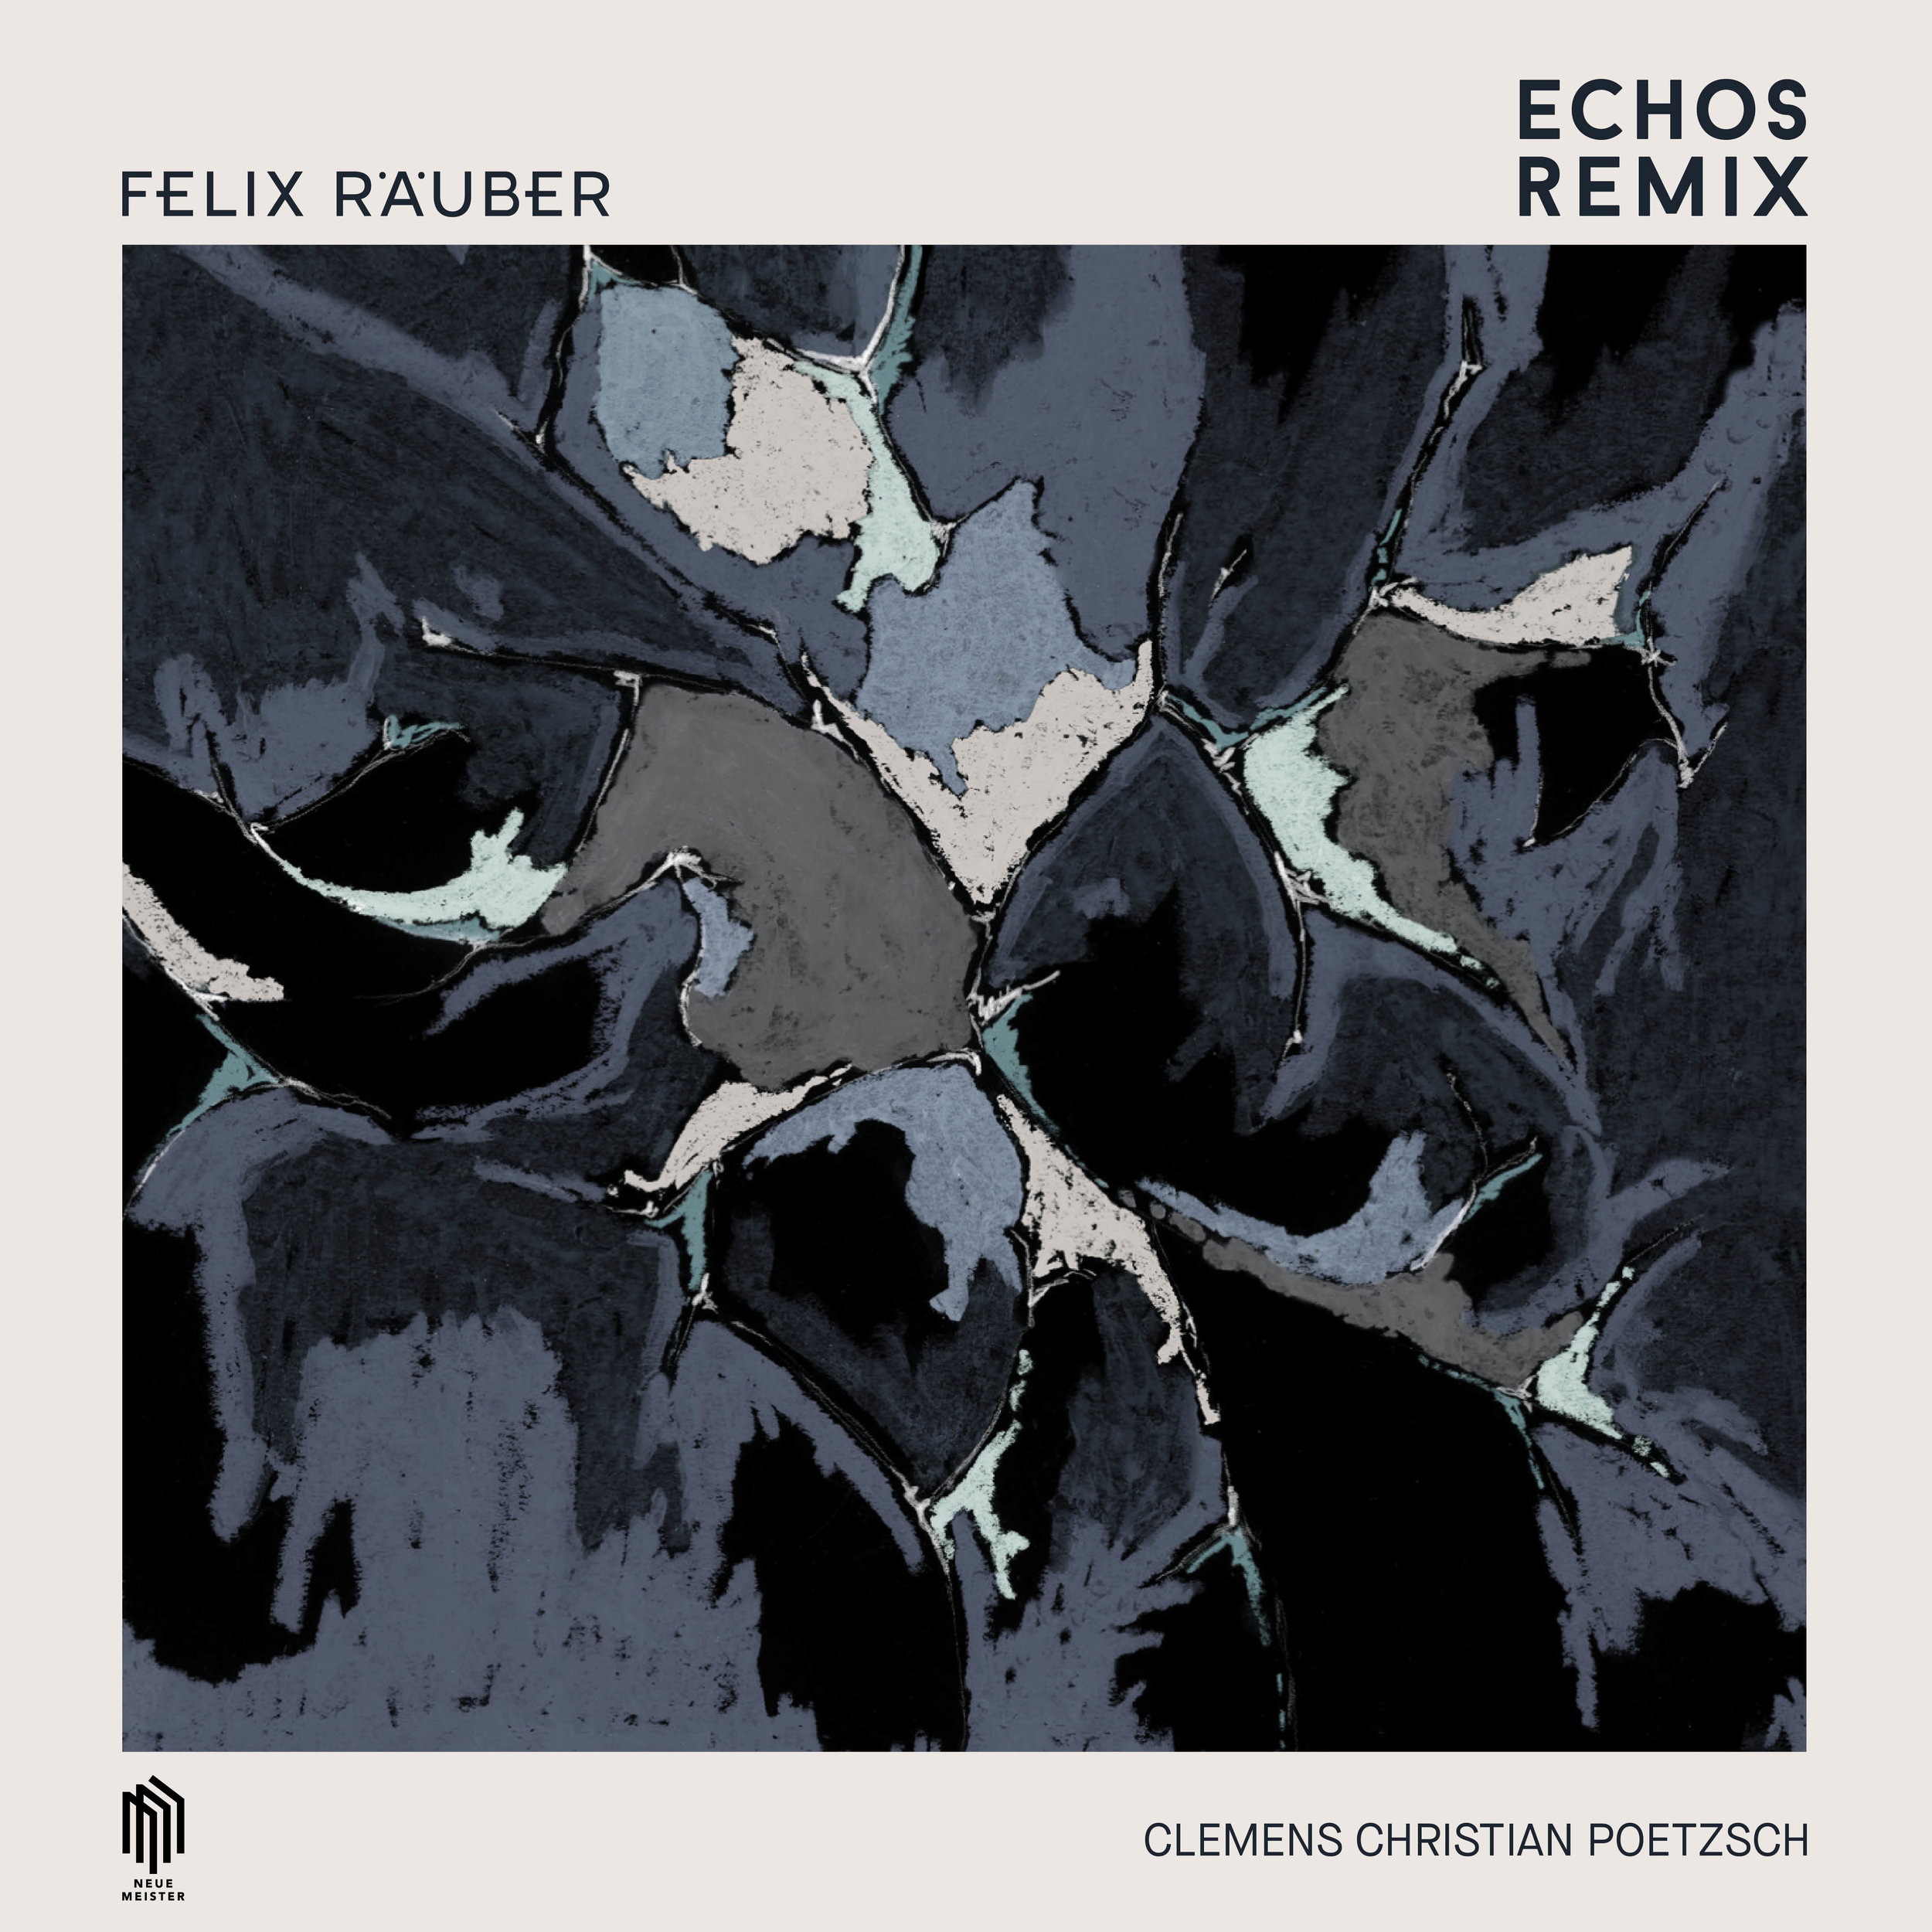 Echos: REMIX - by Felix Räuber -> listen/watch